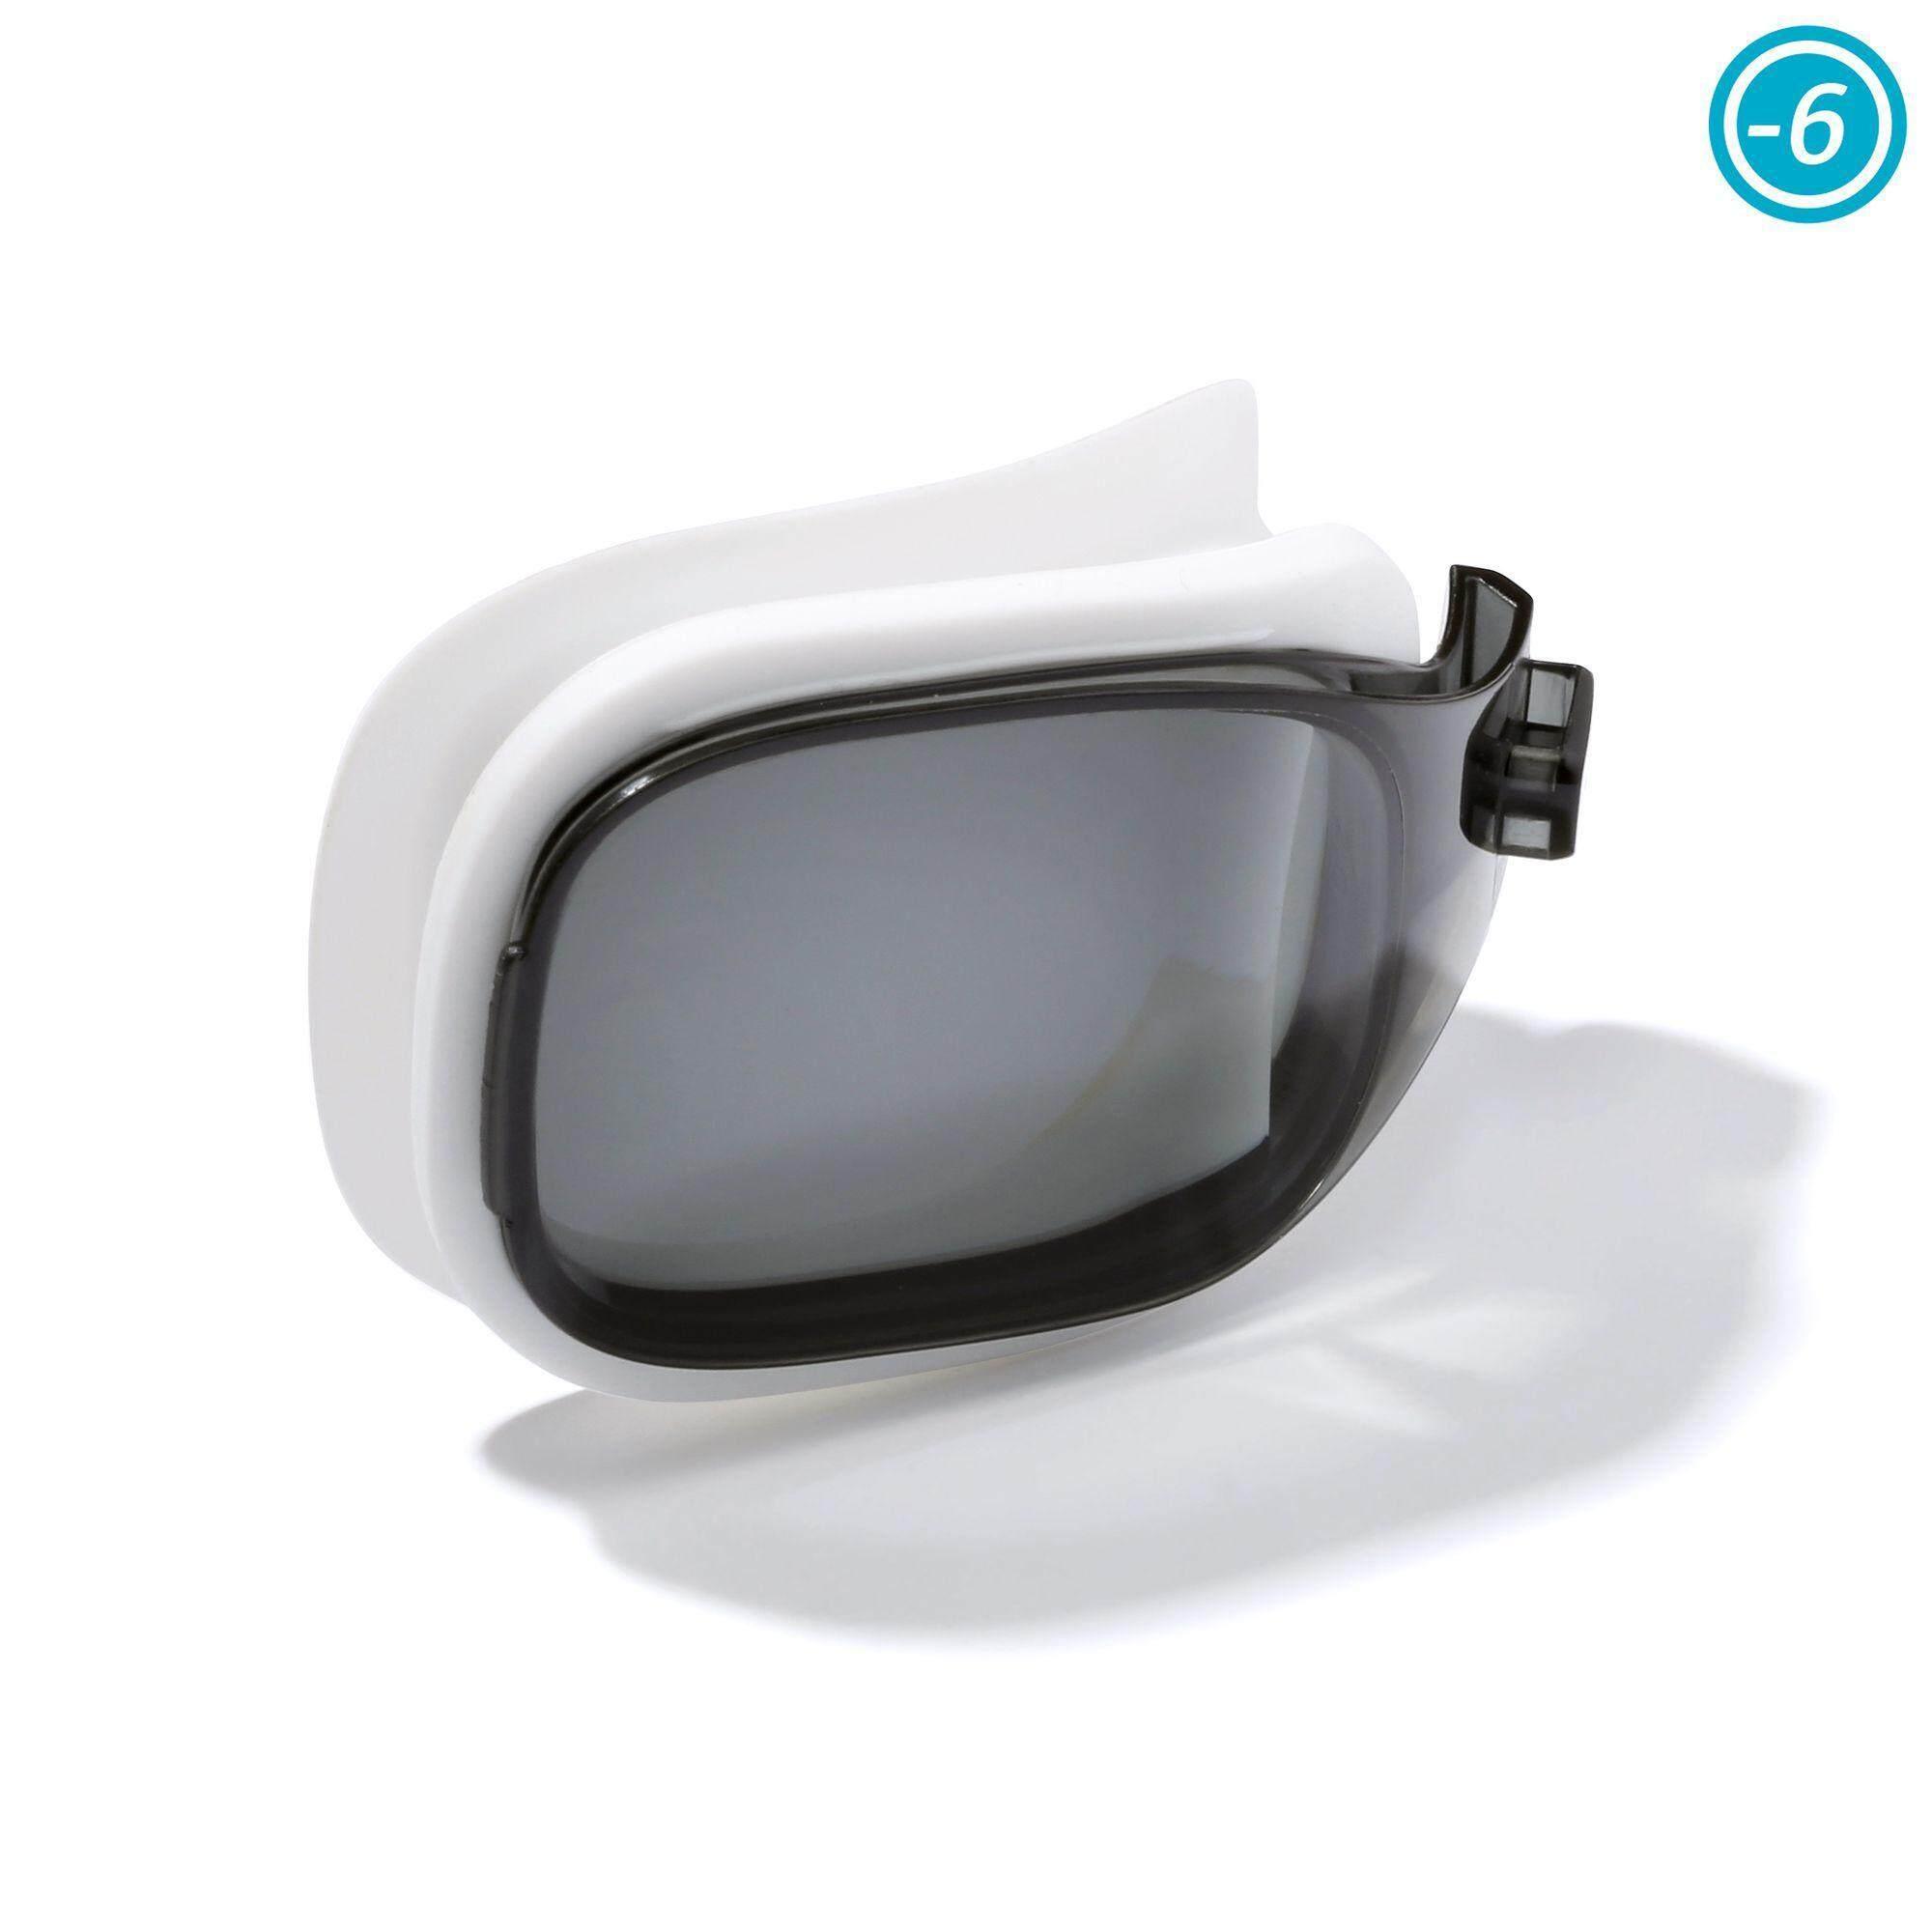 [ด่วน!! โปรโมชั่นมีจำนวนจำกัด]เลนส์ปรับสายตาสำหรับแว่นตาว่ายน้ำรุ่น SELFIT ขนาดL (สี SMOKE) สายตาสั้น -6